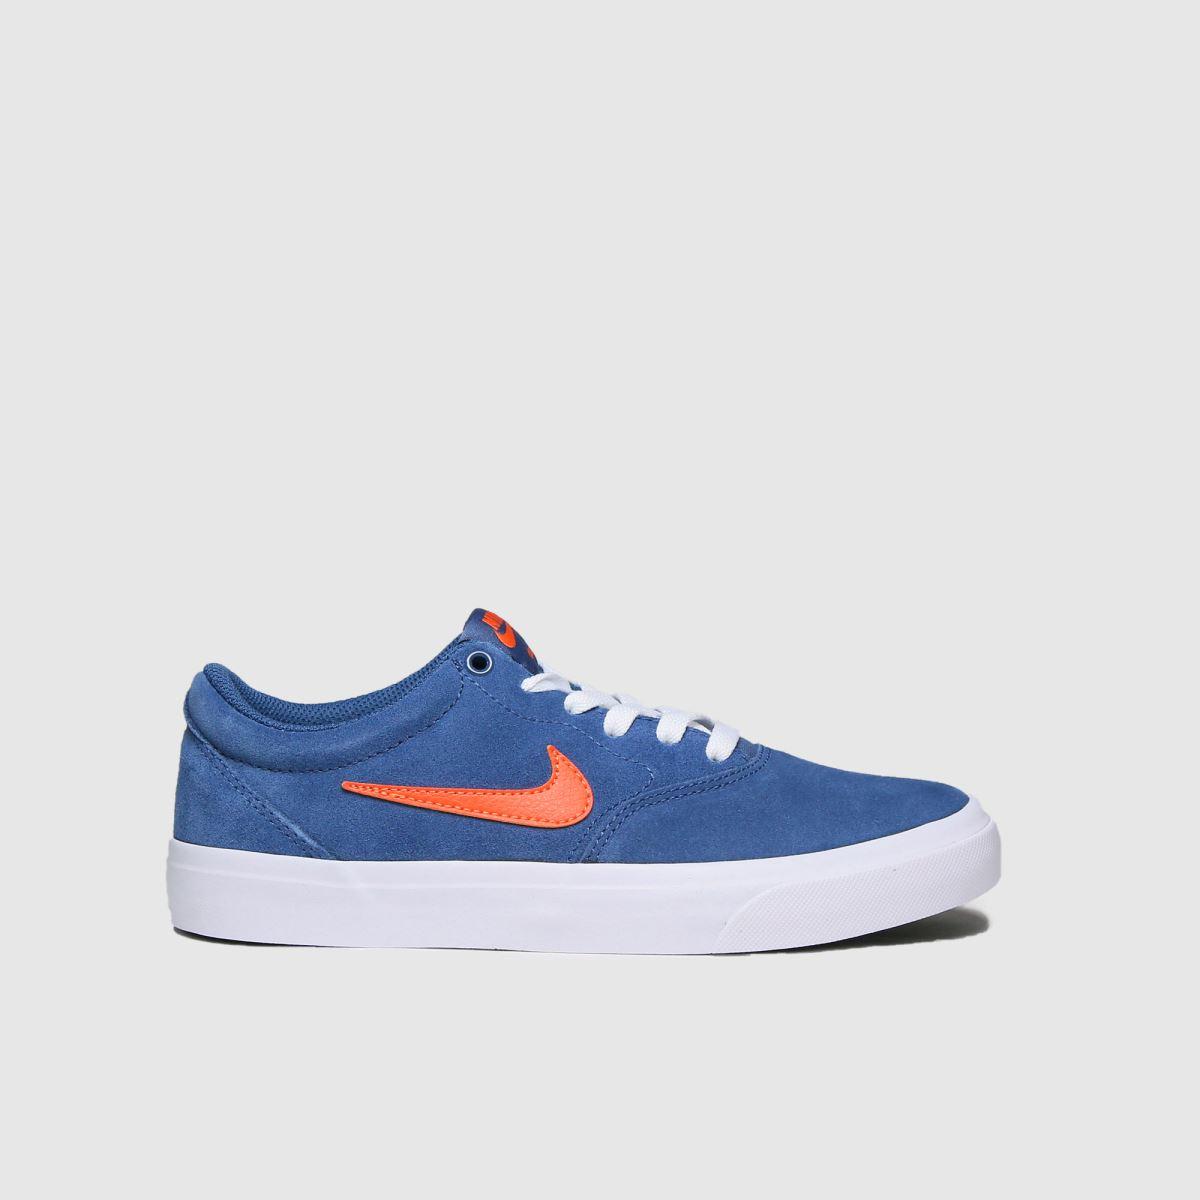 Nike SB Nike SB Blue Charge Trainers Youth